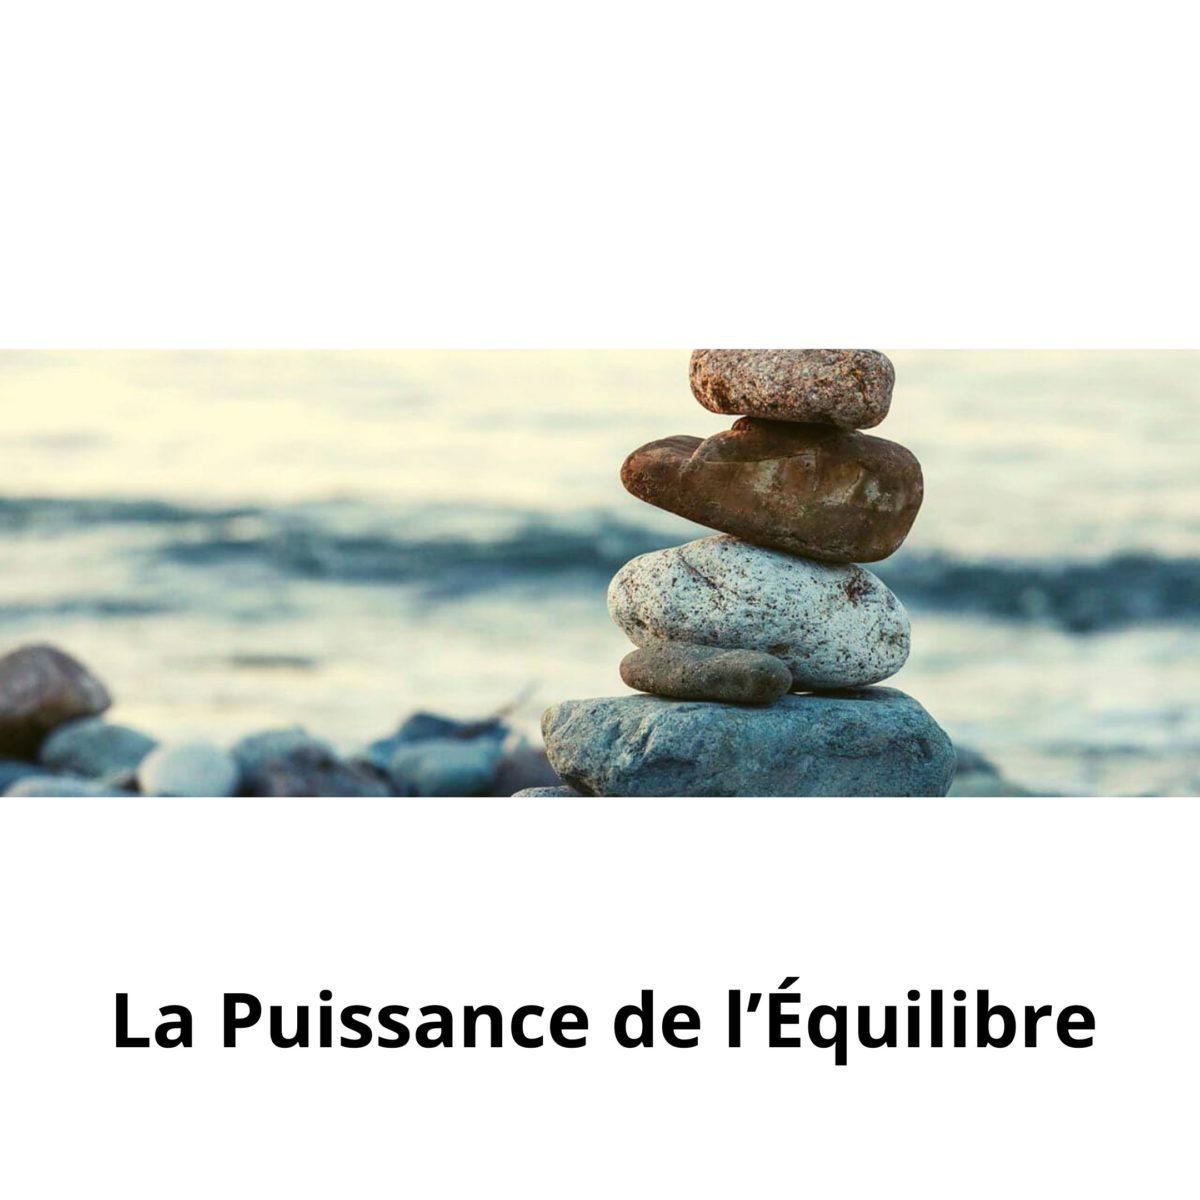 La Puissance de l'Équilibre